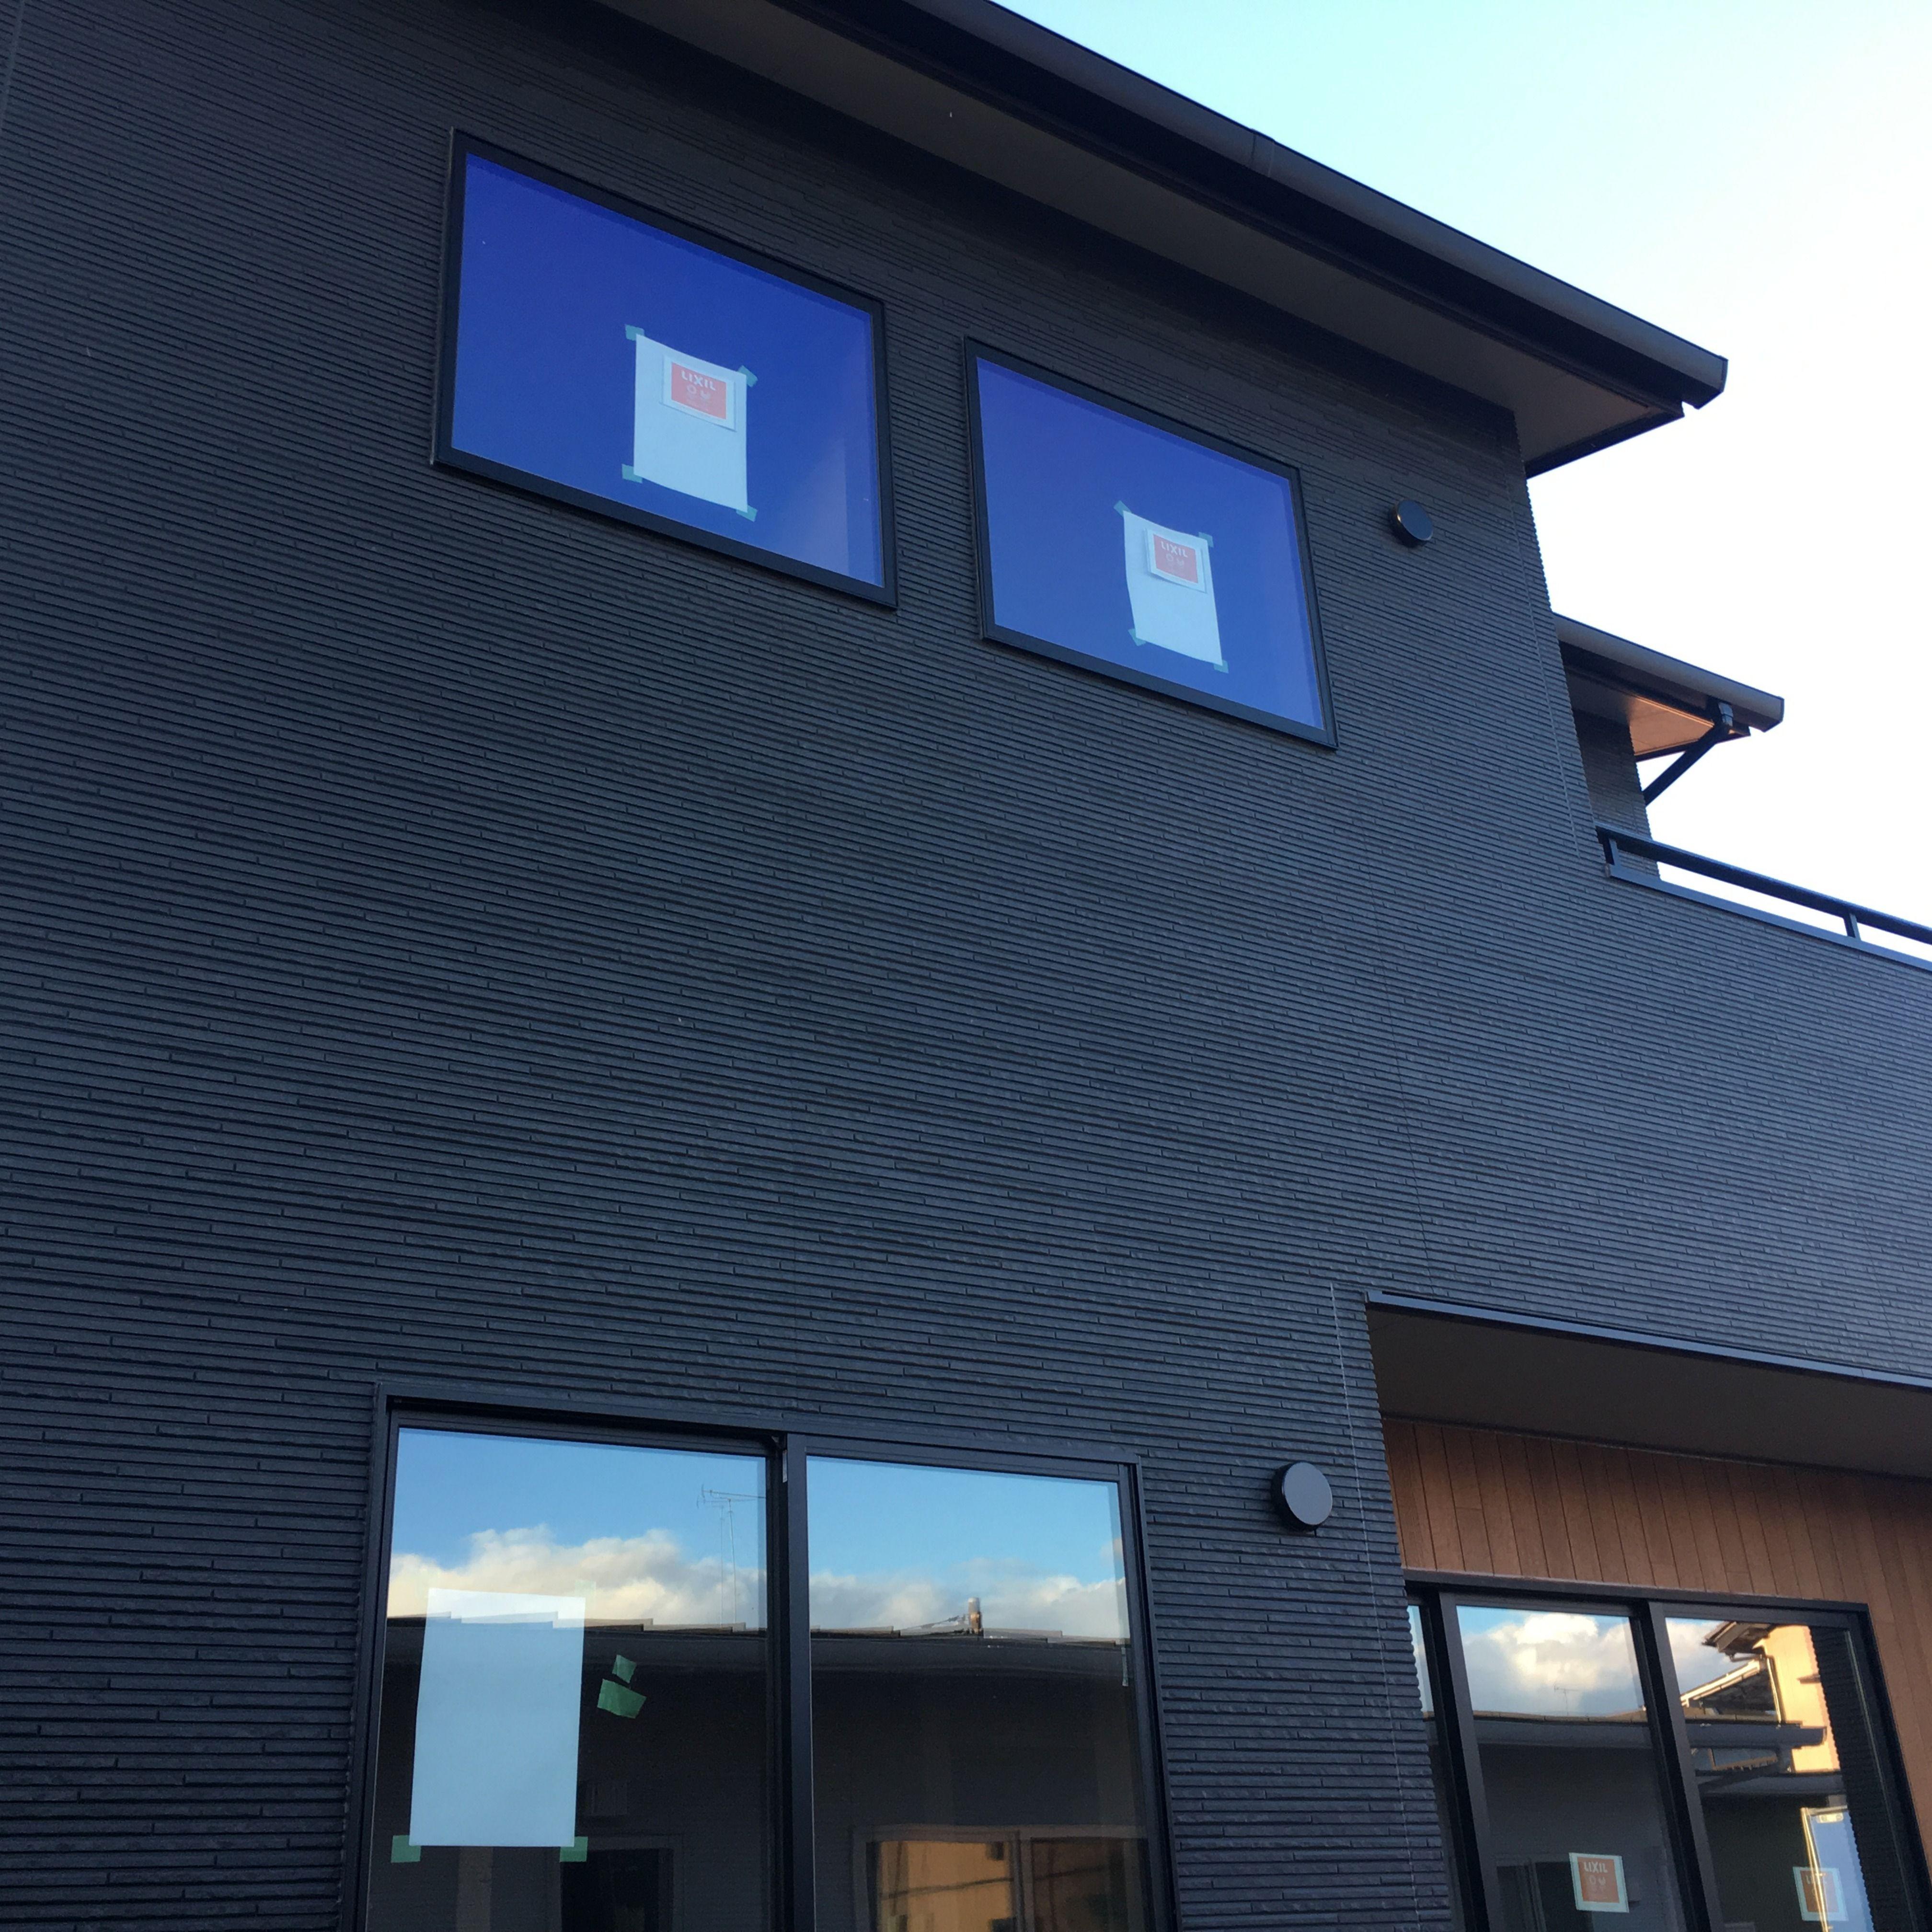 ブラックのガルバリウムとウッドデッキが素敵なお家 新築一戸建て 完成